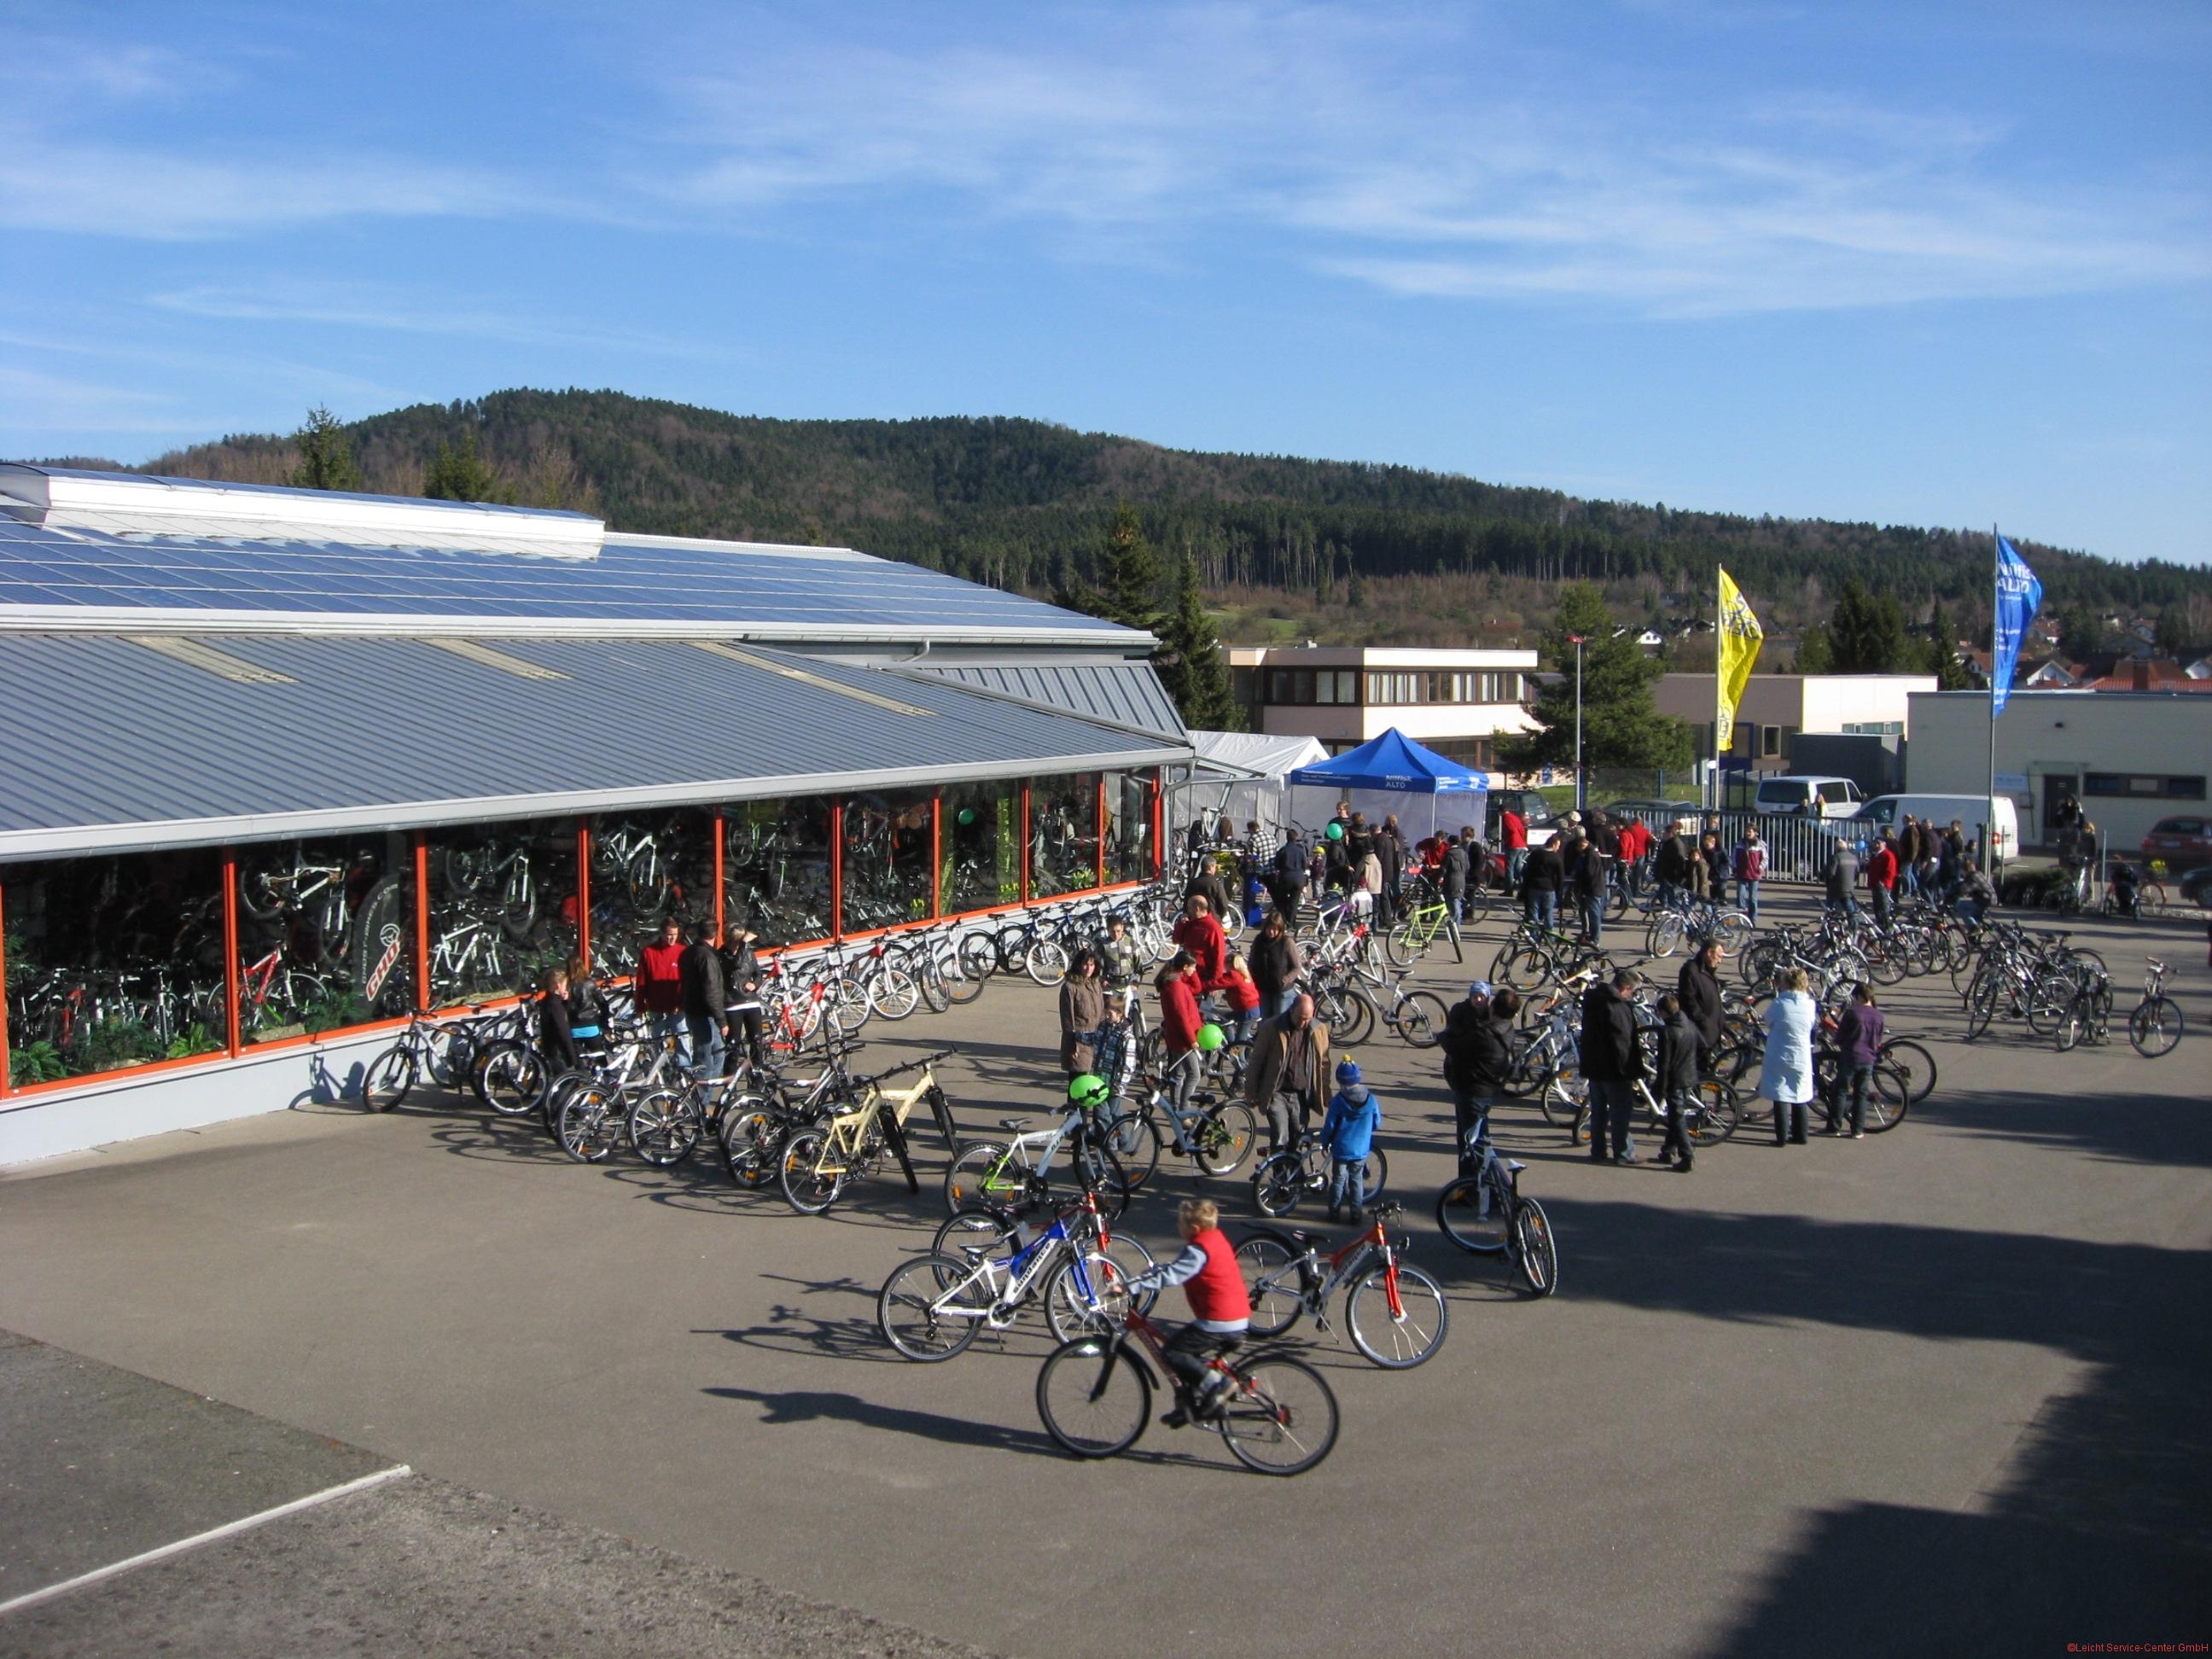 Fahrrad-Sonderschau 2011-03-20 17-01-46